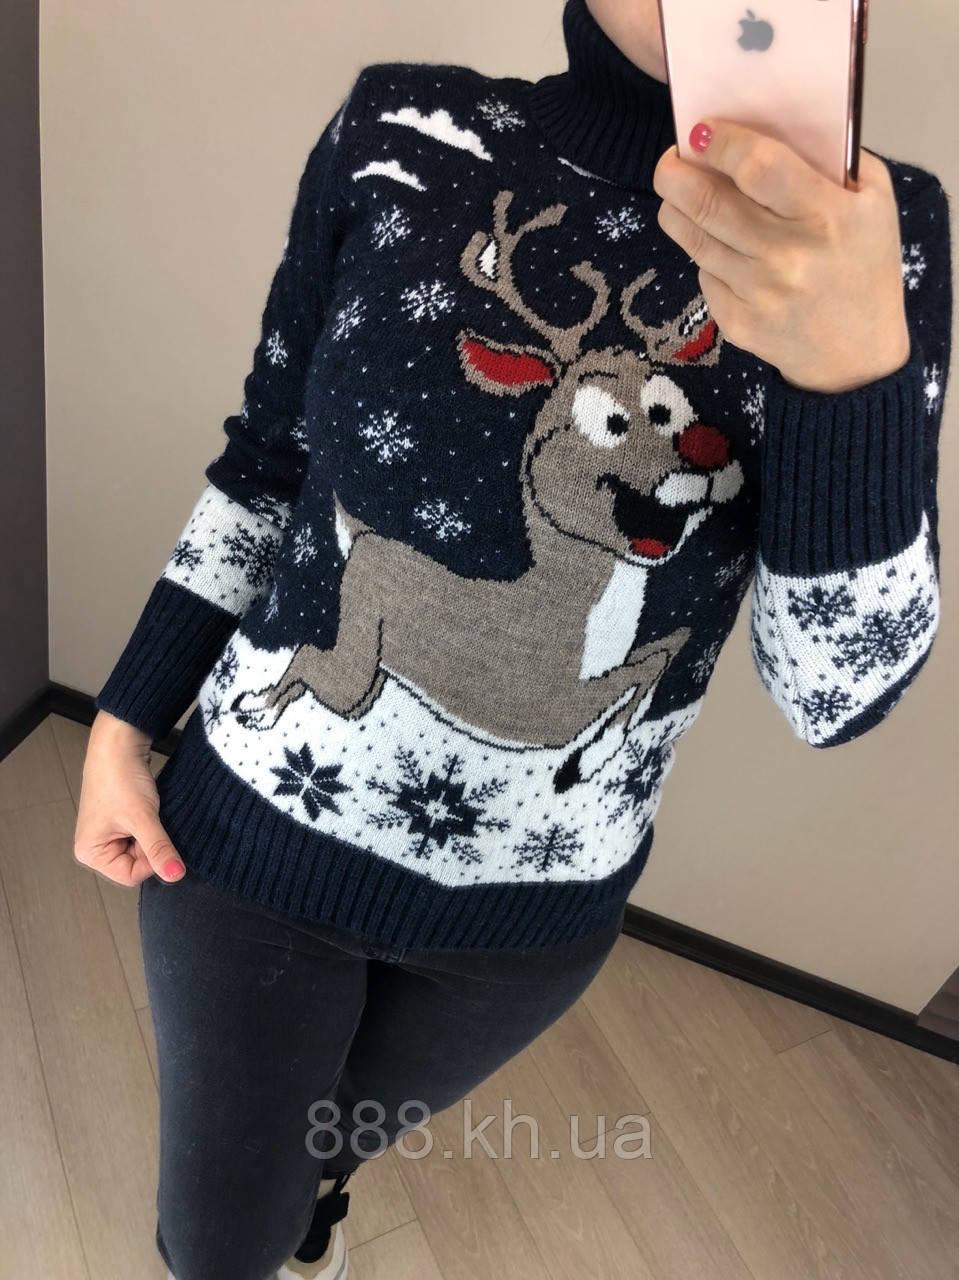 Потрясающий теплый шерстяной женский свитер с веселым оленем (вязка)